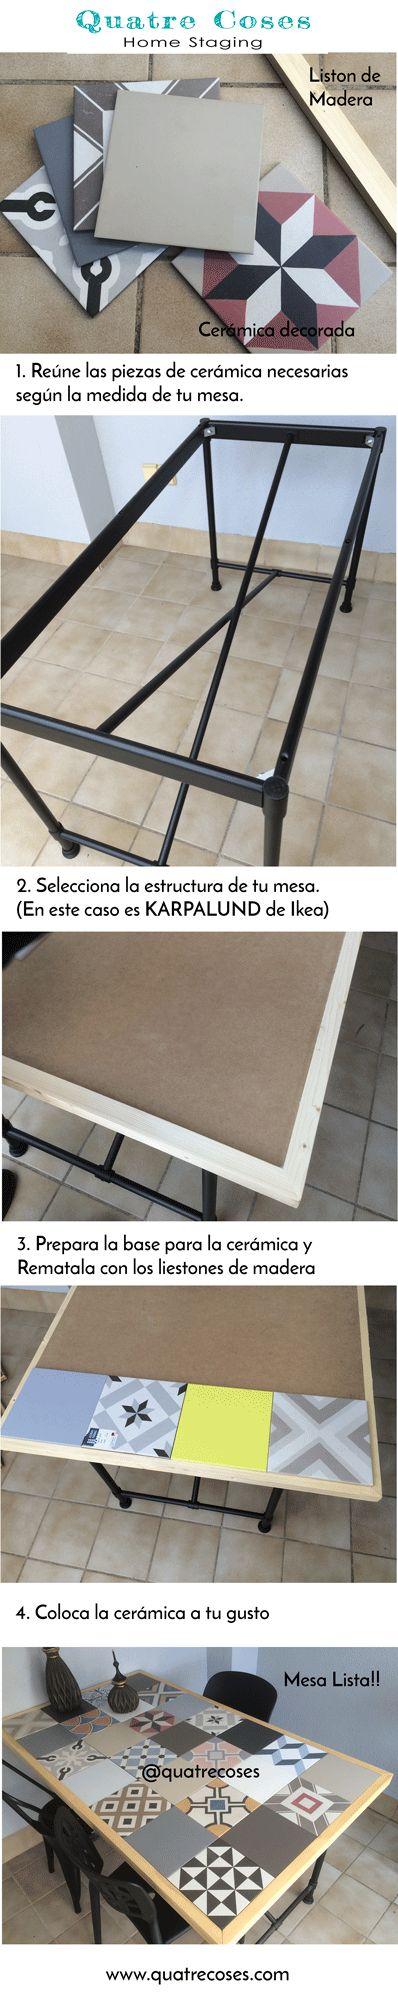 Mesa DIY con estructura metálica KARPALUND de Ikea, tablero de madera, baldosas cerámicas imitación al mosaico hidraulico y remates de madera.